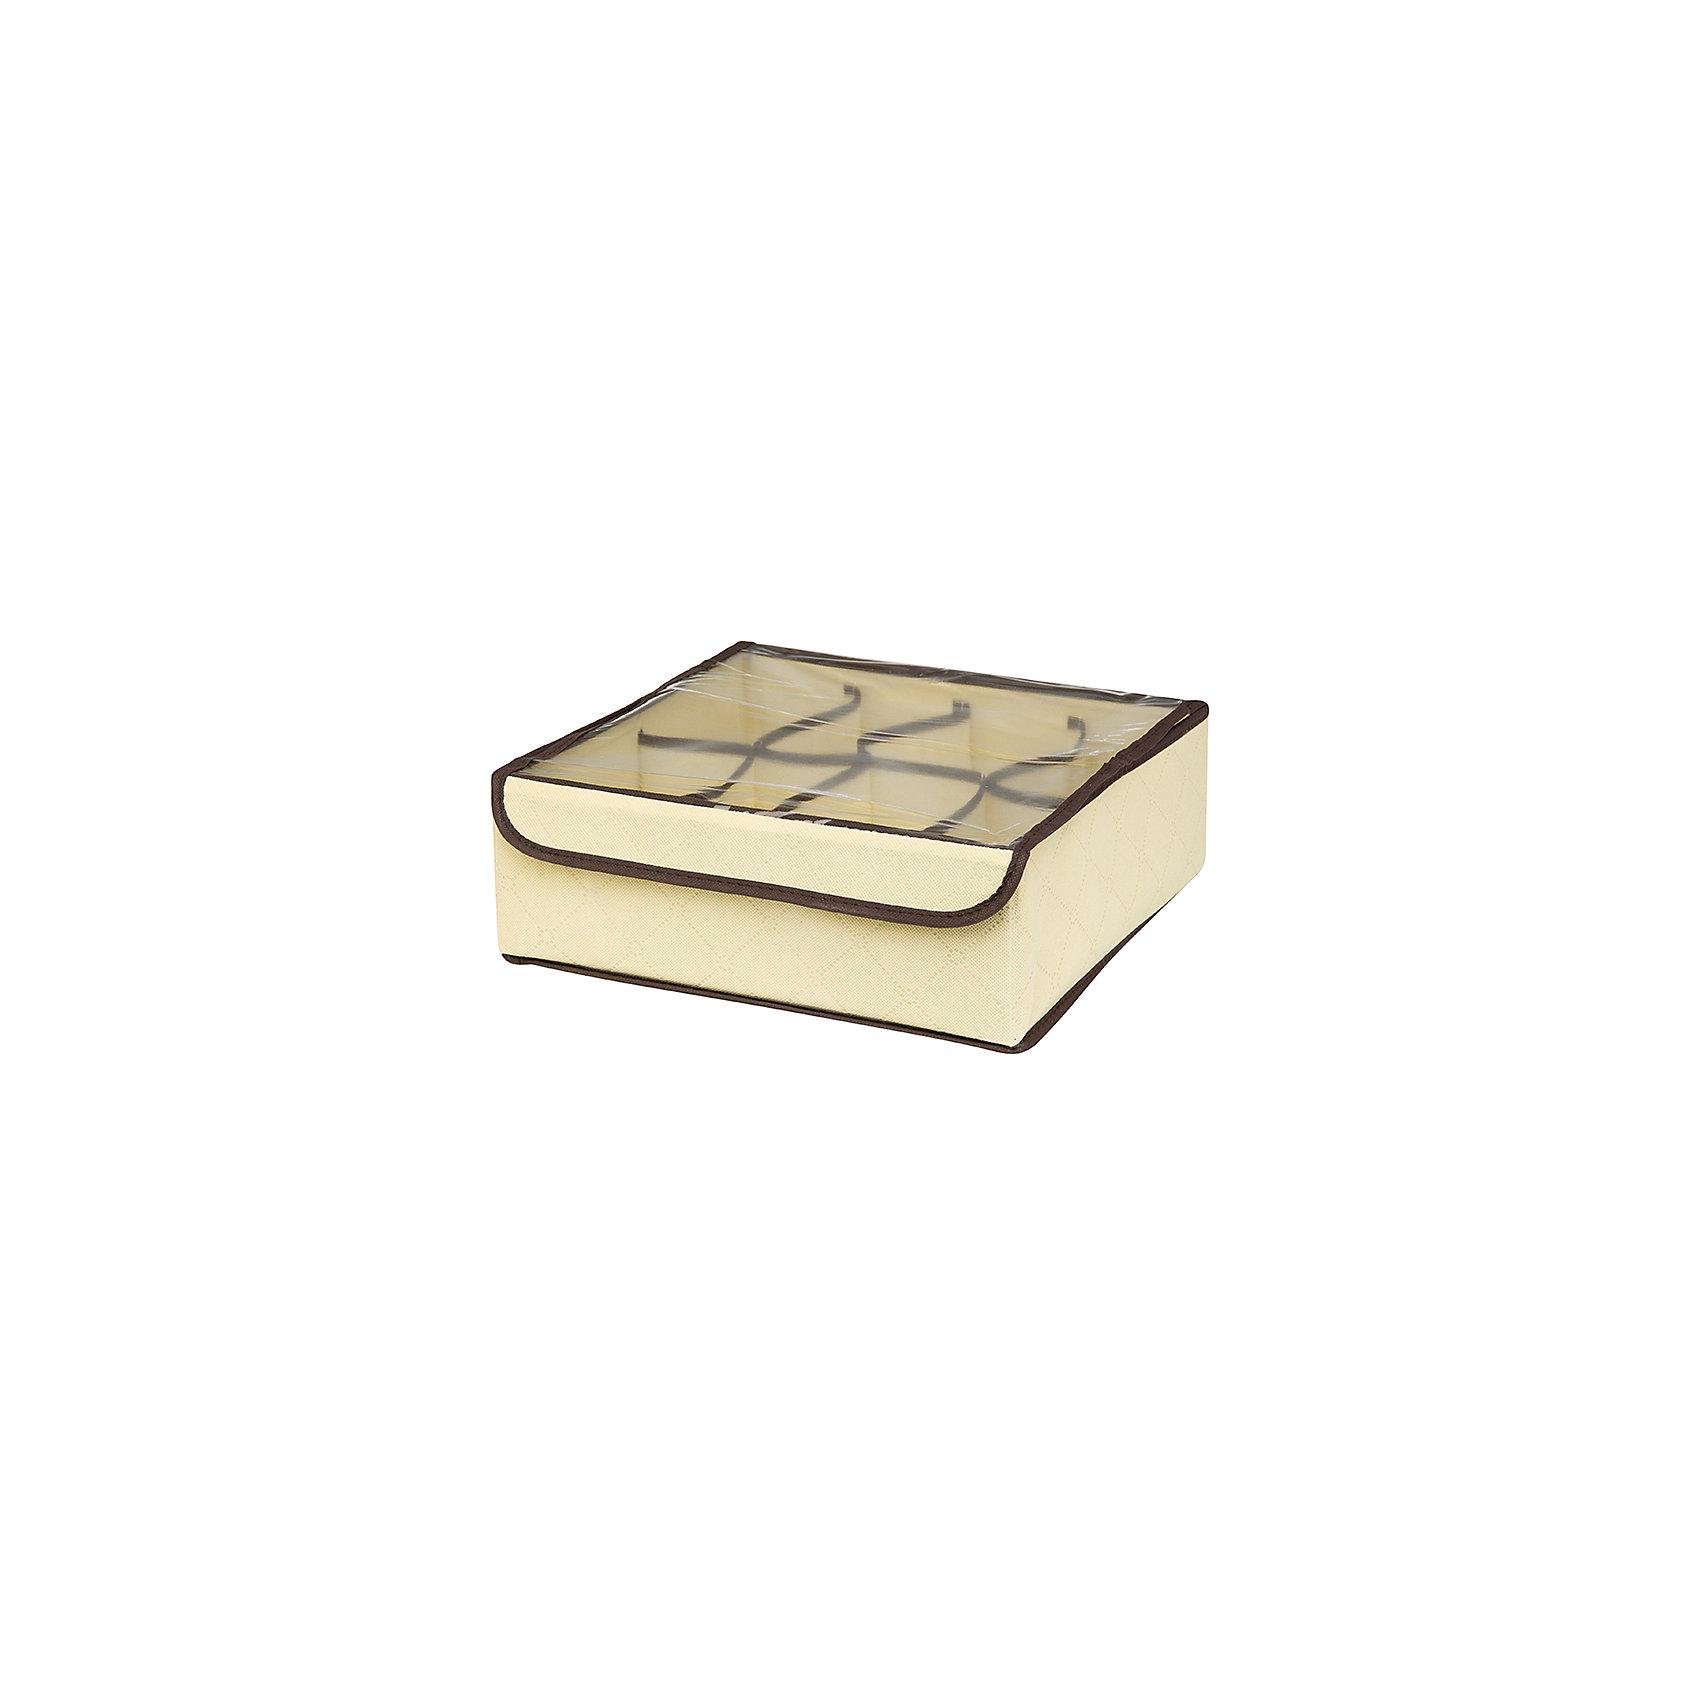 Кофр для нижнего белья и носков 32*32*12 см. Геометрия стиля, 8 секций, EL Casa, молочныйПорядок в детской<br>Характеристики товара:<br><br>• цвет: молочный<br>• материал: текстиль (полиэстер 100%)<br>• размер: 32 х 32 х 12 см<br>• вес: 300 г<br>• прозрачная крышка<br>• защита от пыли<br>• естественная вентиляция<br>• 8 отделений<br>• удобный<br>• универсальный размер<br>• страна бренда: Российская Федерация<br>• страна производства: Китай<br><br>Такой кофр - отличный пример удобной и функциональной вещи для любого интерьера. В нем удобной хранить различные мелочи, например, нижнее белье и носки.<br><br>Кофр с жёстким каркасом для хранения может стать отличным приобретением для дома или подарком для любителей красивых оригинальных вещей.<br><br>Бренд EL Casa - это красивые и практичные товары для дома с современным дизайном. Они добавляют в жильё уюта и комфорта! <br><br>Кофр для нижнего белья и носков 32*32*12 см. Геометрия стиля, 8 секций, EL Casa можно купить в нашем интернет-магазине.<br><br>Ширина мм: 330<br>Глубина мм: 125<br>Высота мм: 15<br>Вес г: 275<br>Возраст от месяцев: 0<br>Возраст до месяцев: 1188<br>Пол: Унисекс<br>Возраст: Детский<br>SKU: 6668772